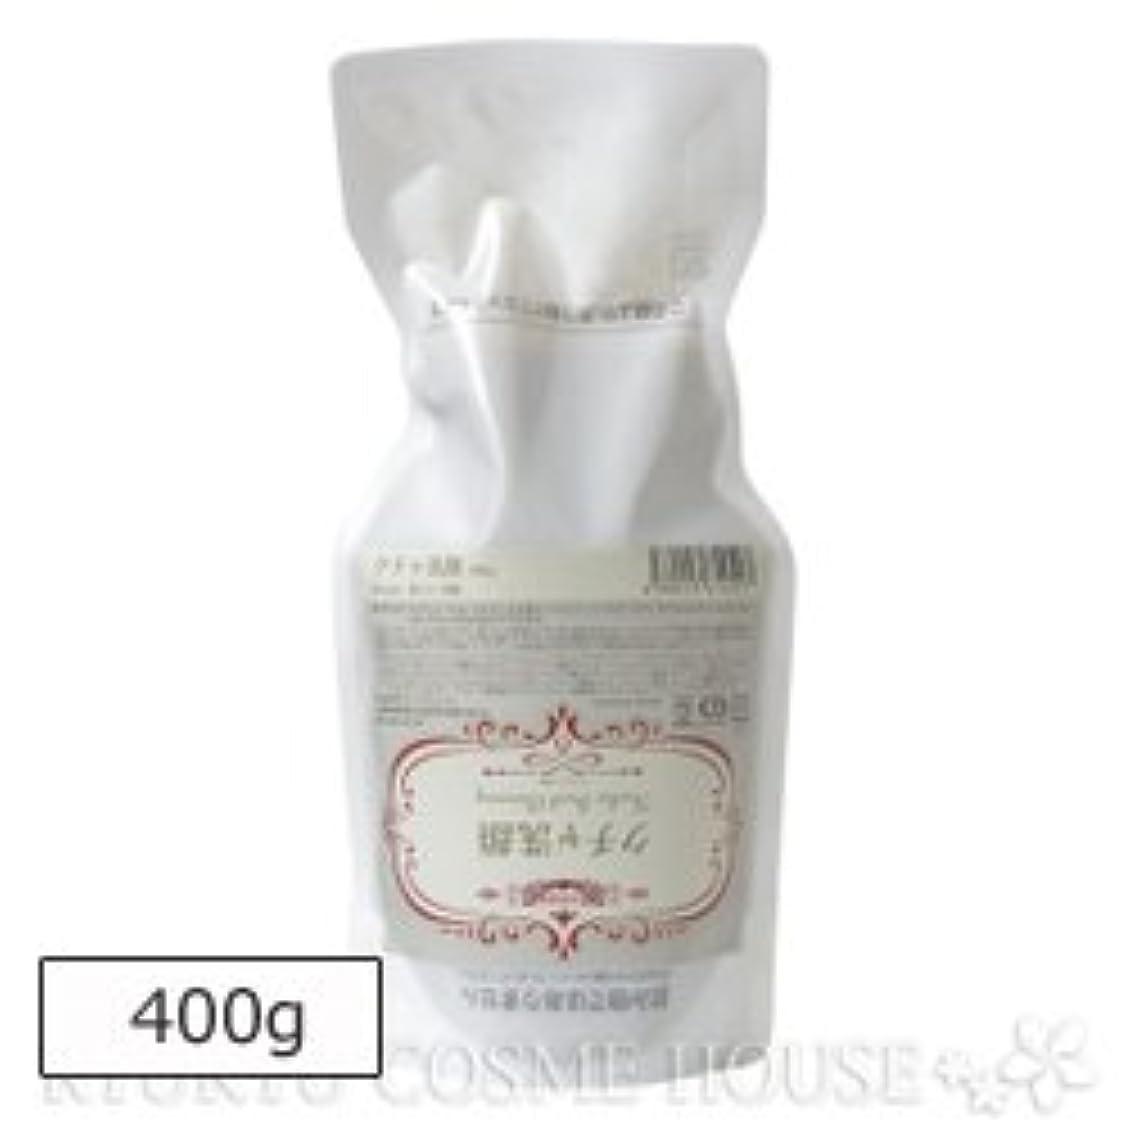 泥だらけ廃棄する生まれRyuspa リュウスパ クチャ洗顔 400g エコパウチ 詰め替え用